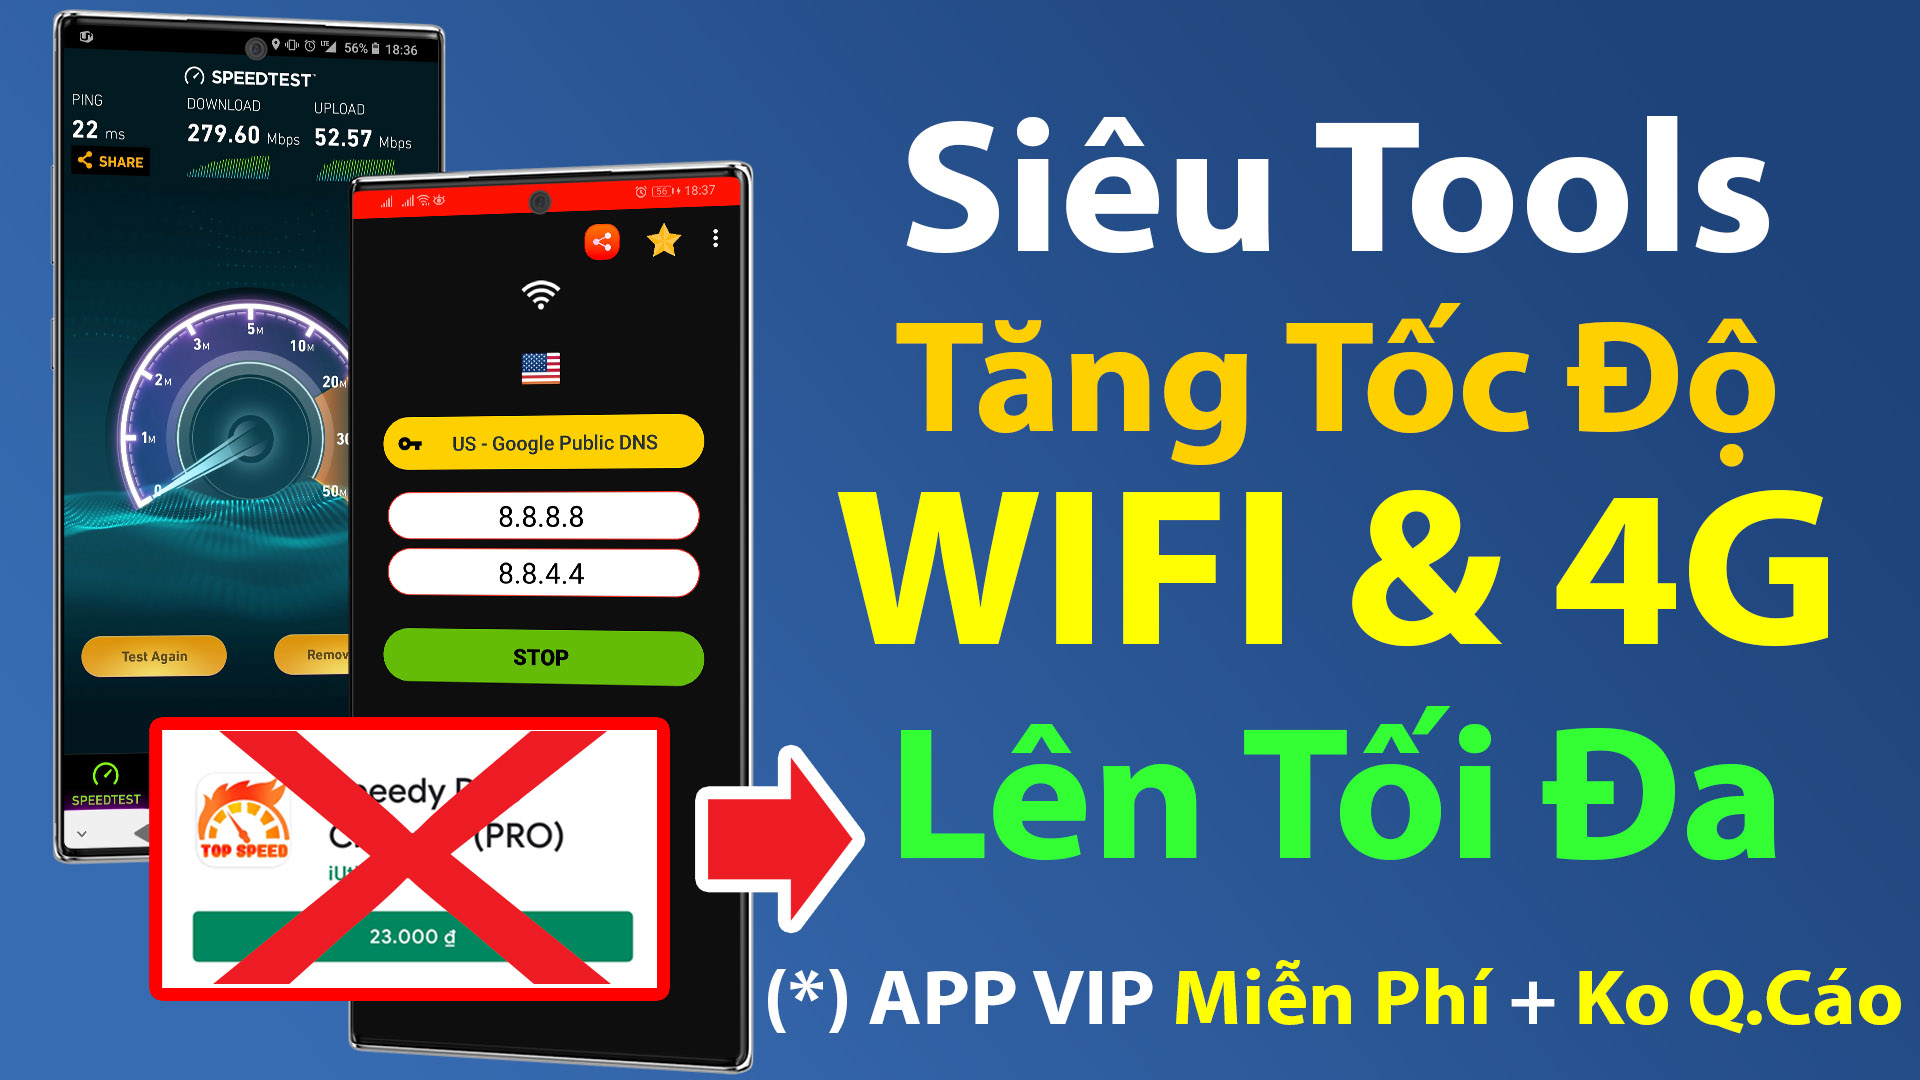 Thủ thuật Tăng tốc độ kết nối WIFI & 4G Maximum để lướt Web nhanh và chơi Game mượt hơn trên Android